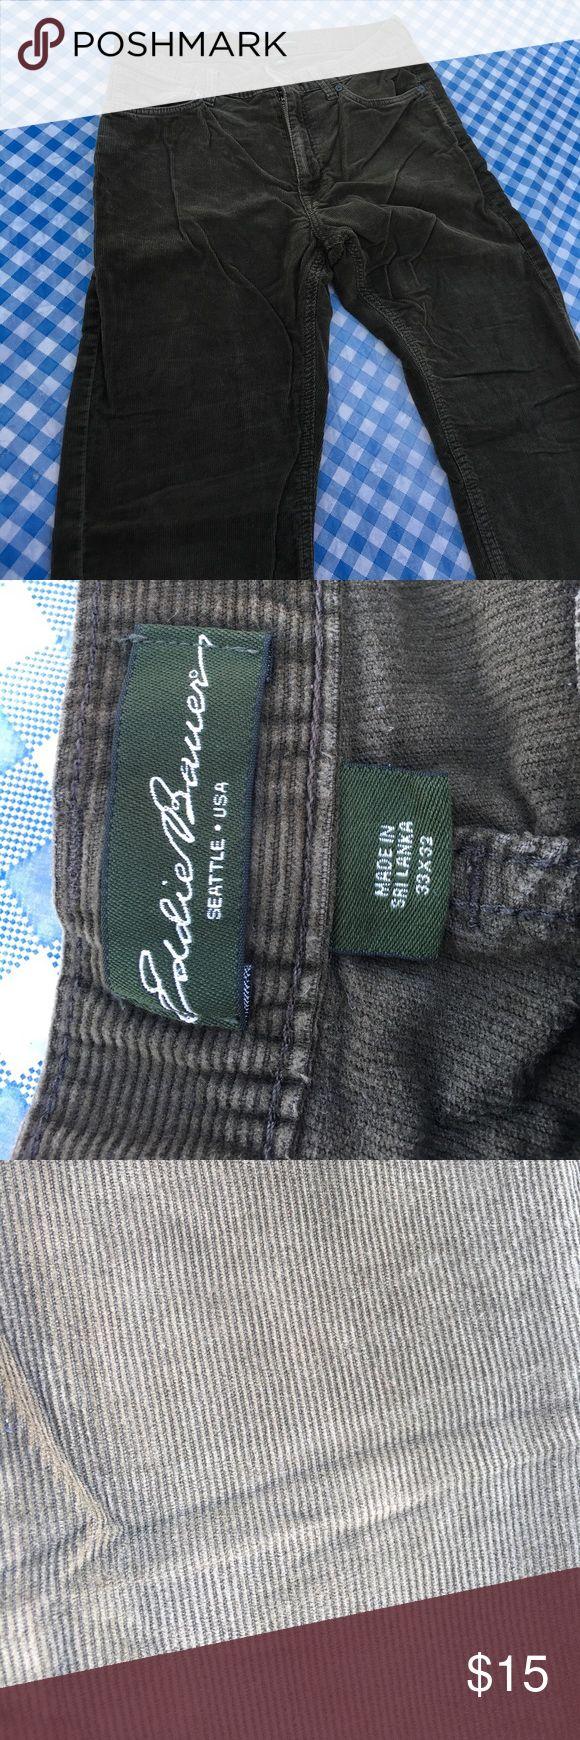 Eddie Bauer brown cords 33 x 32 Brown Eddie Bauer corduroy pants 33 x 32. Minimal wearing on the knees - see pic Eddie Bauer Pants Corduroy